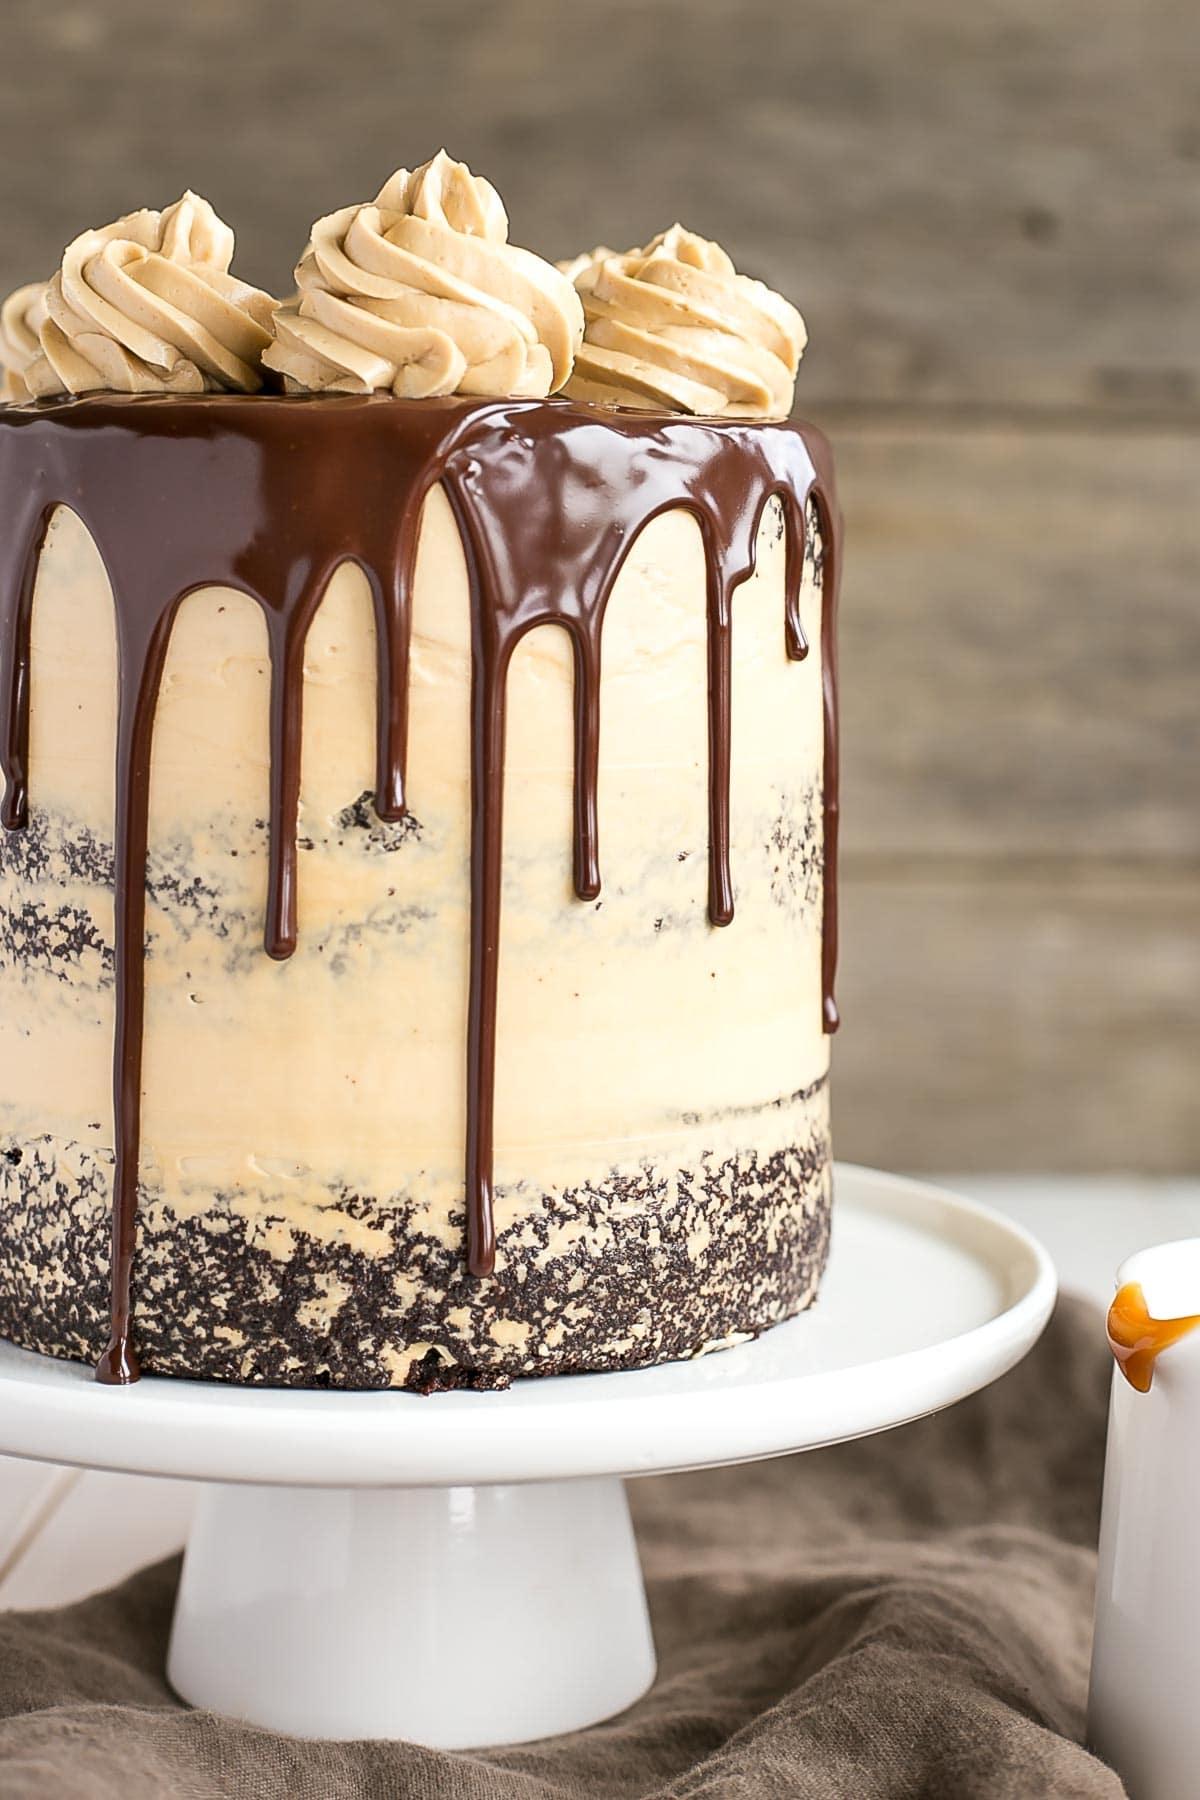 Le combo ultime du chocolat et du caramel se réunit dans ce délicieux gâteau au chocolat Dulce de Leche.     Livforcake.com